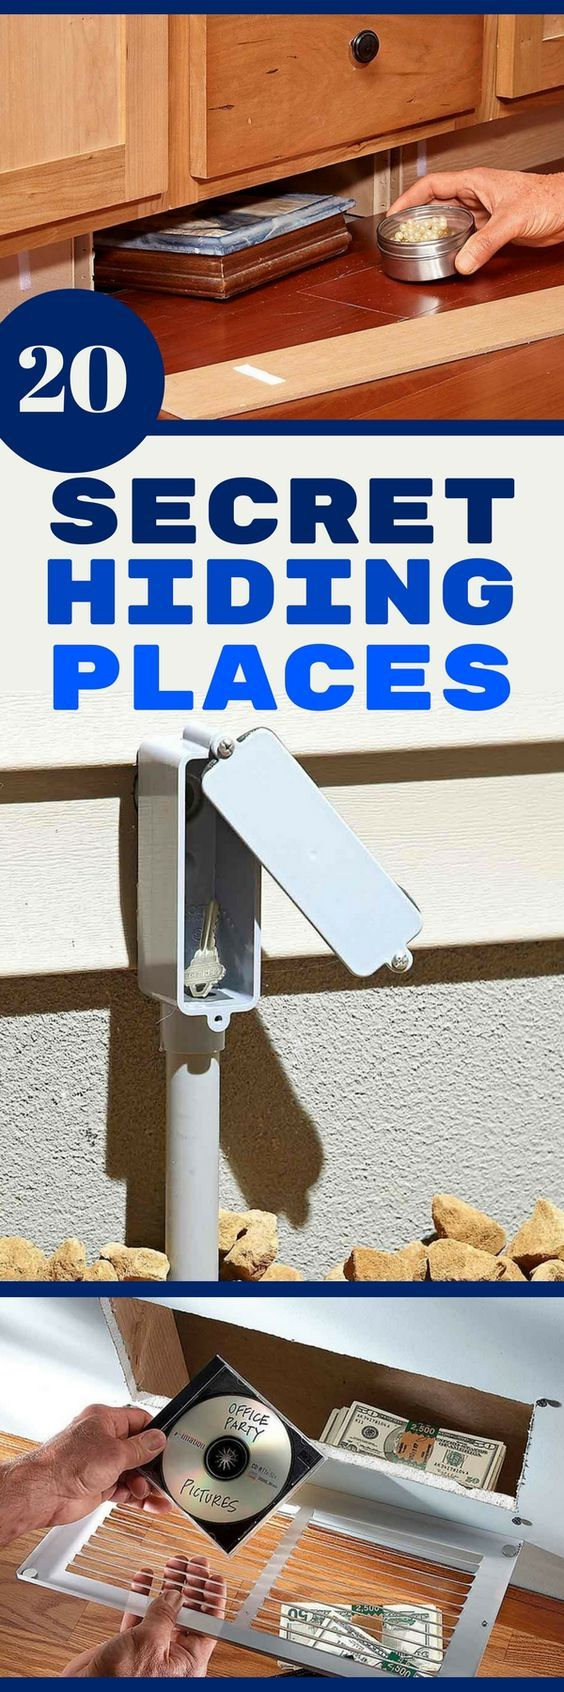 902 Best Hiding Spot Images On Pinterest Hiding Spots